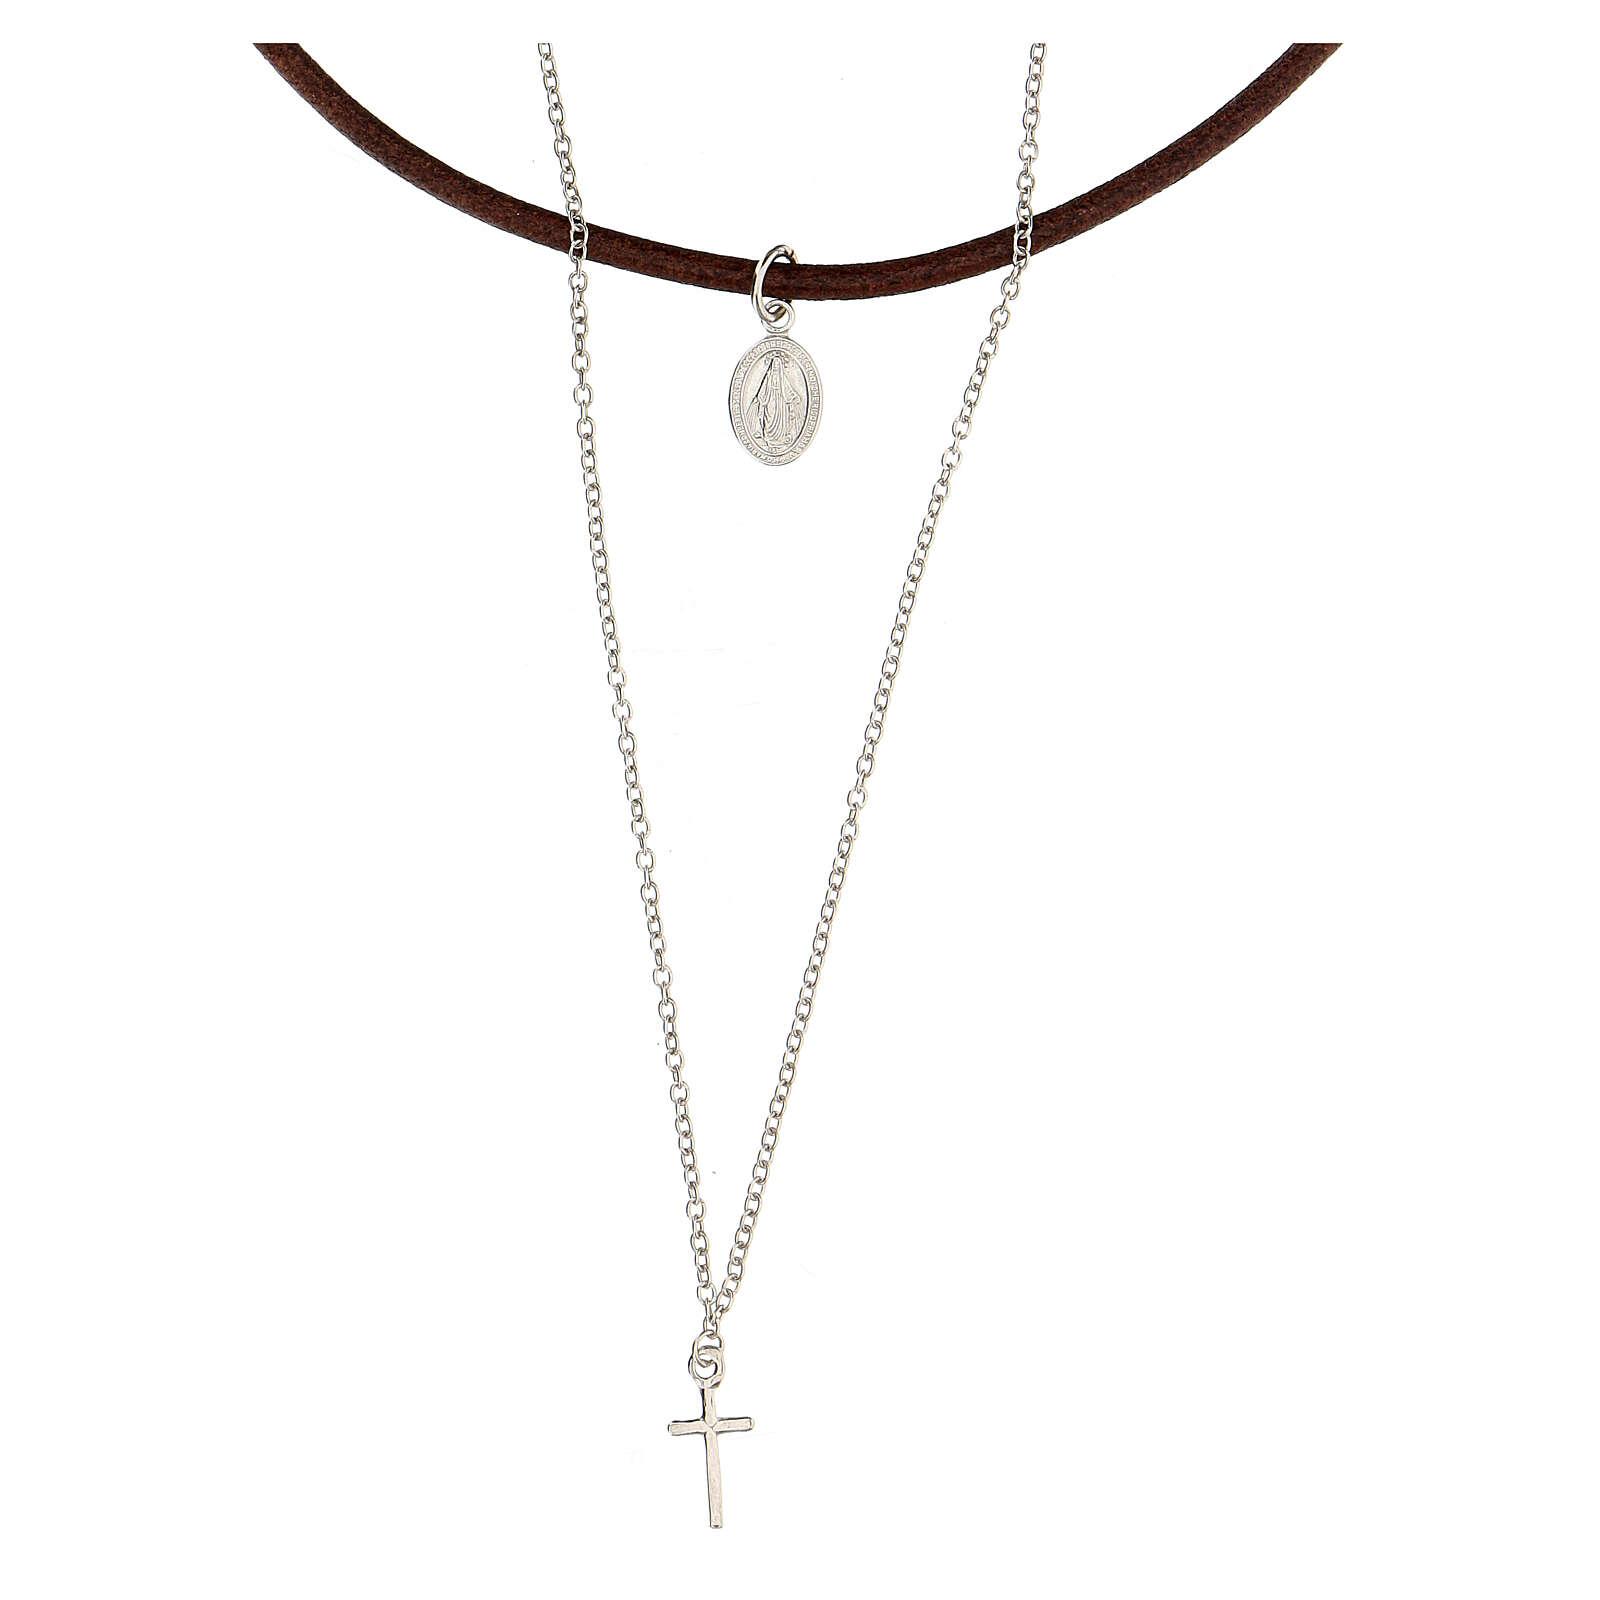 Collier tour de cou croix et médaille argent 925 et cuir 4